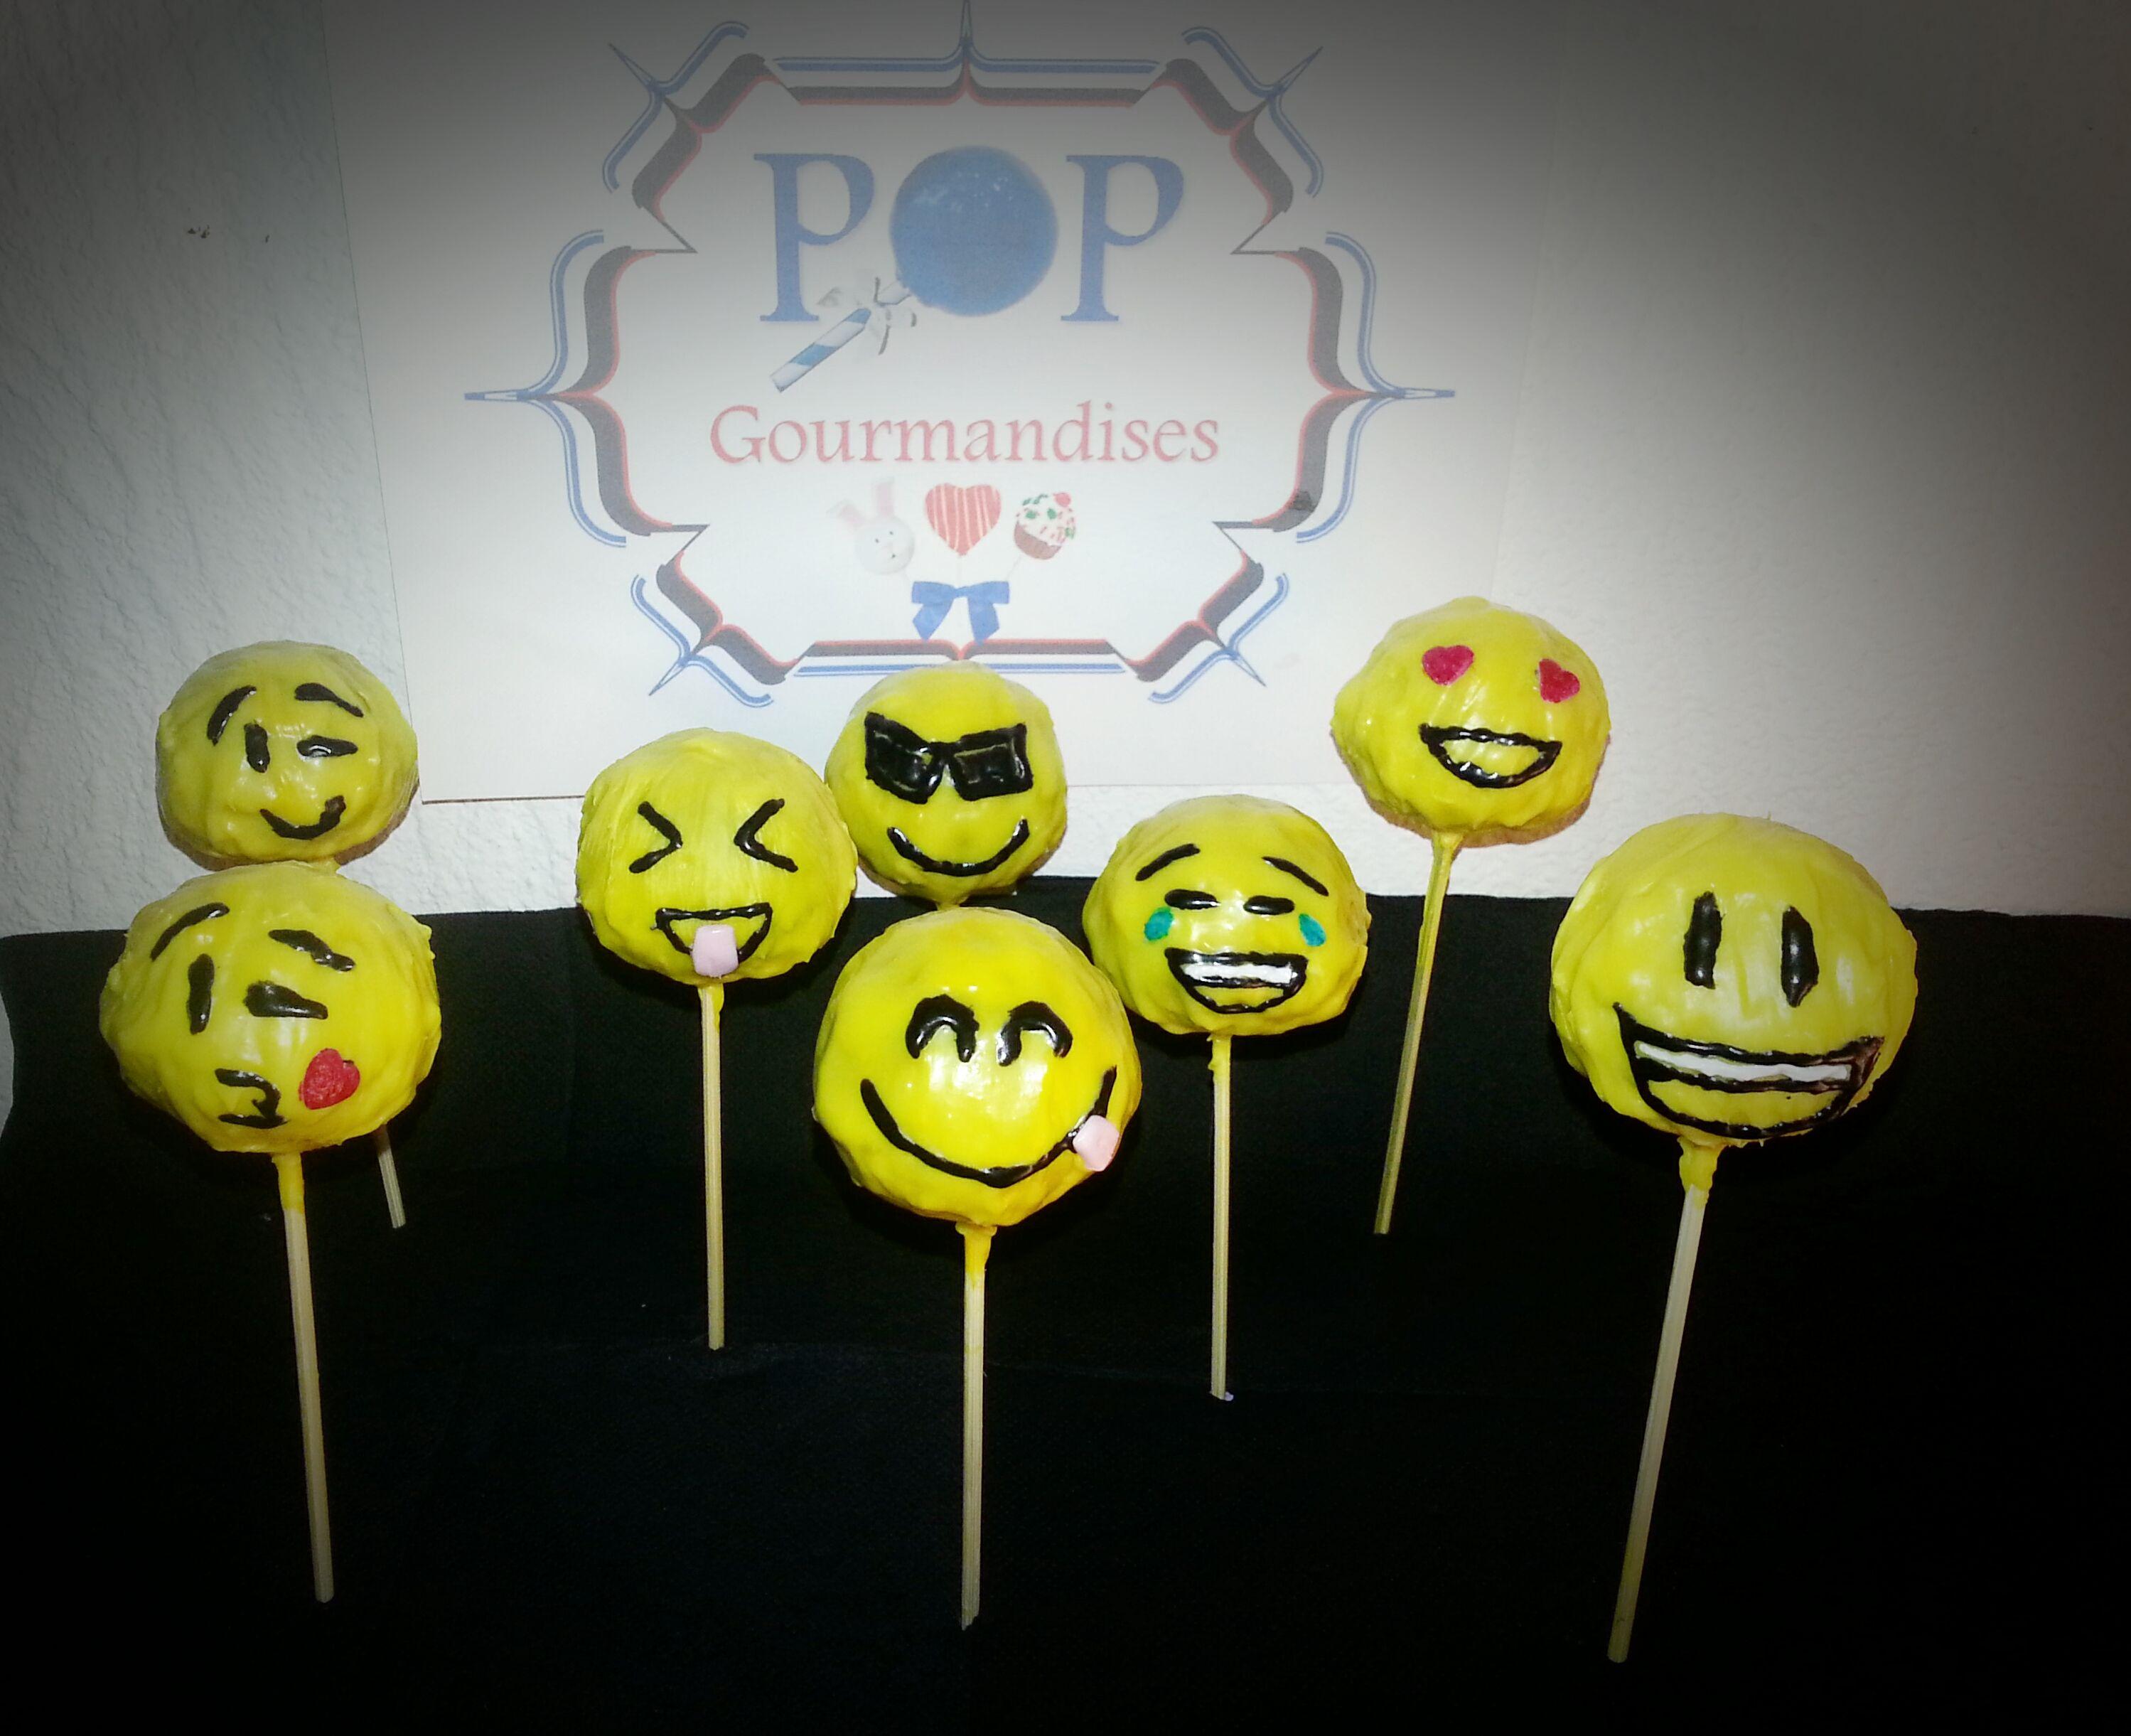 Emoji pop cakes par Pop Gourmandises #smiley #cakepops #gourmandises  Pop Cakes made in France   Disponibles sur: www.popgourmandises.com